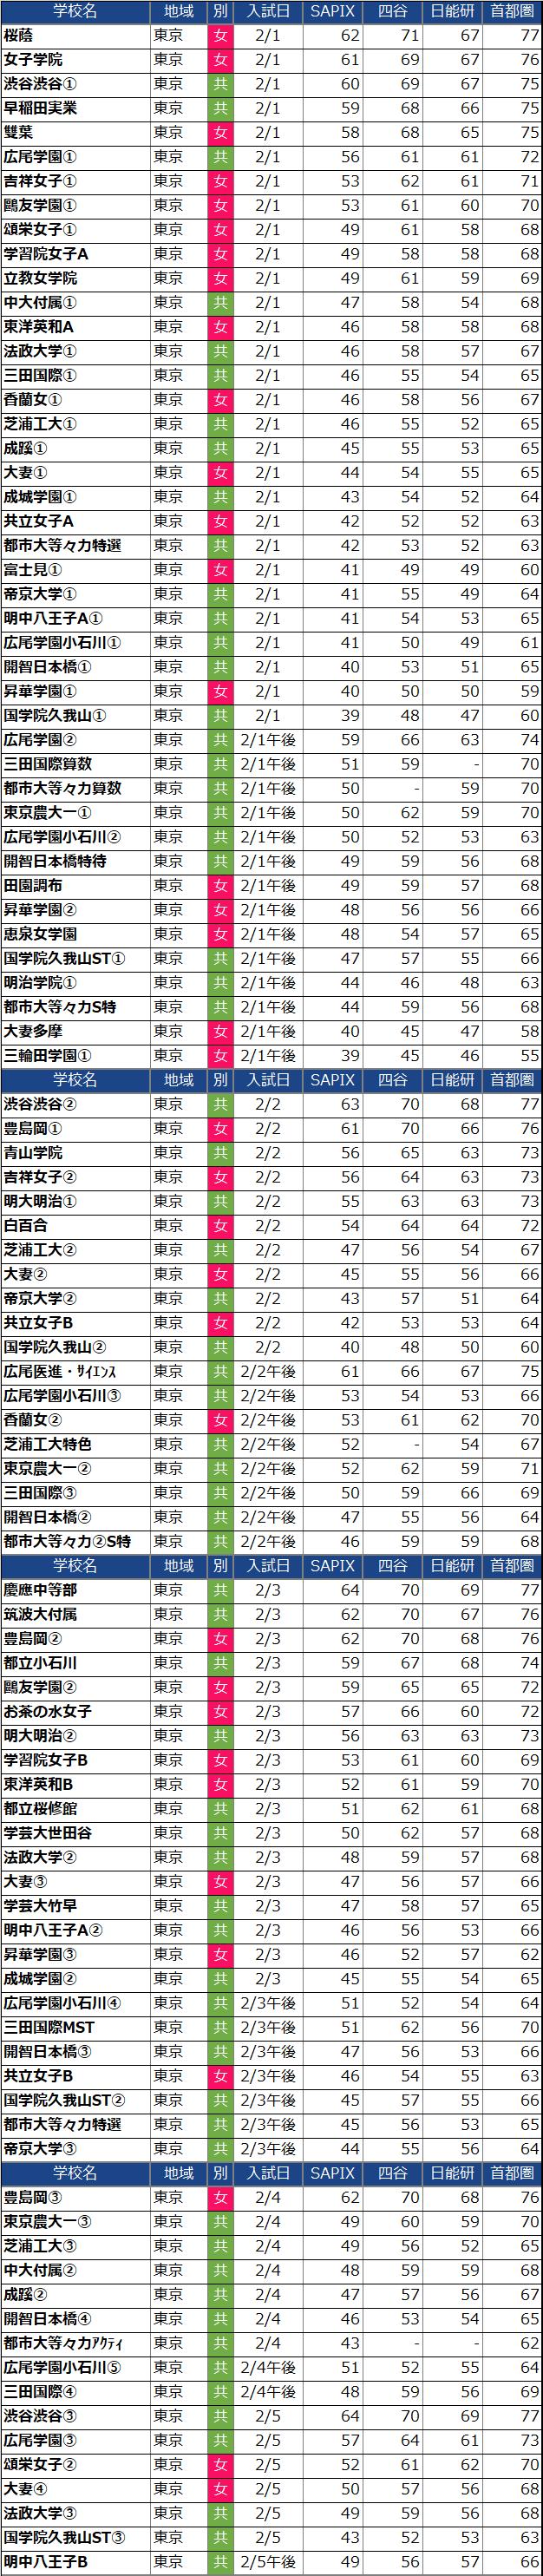 入試日付順の東京都女子中学校偏差値(2022年度)